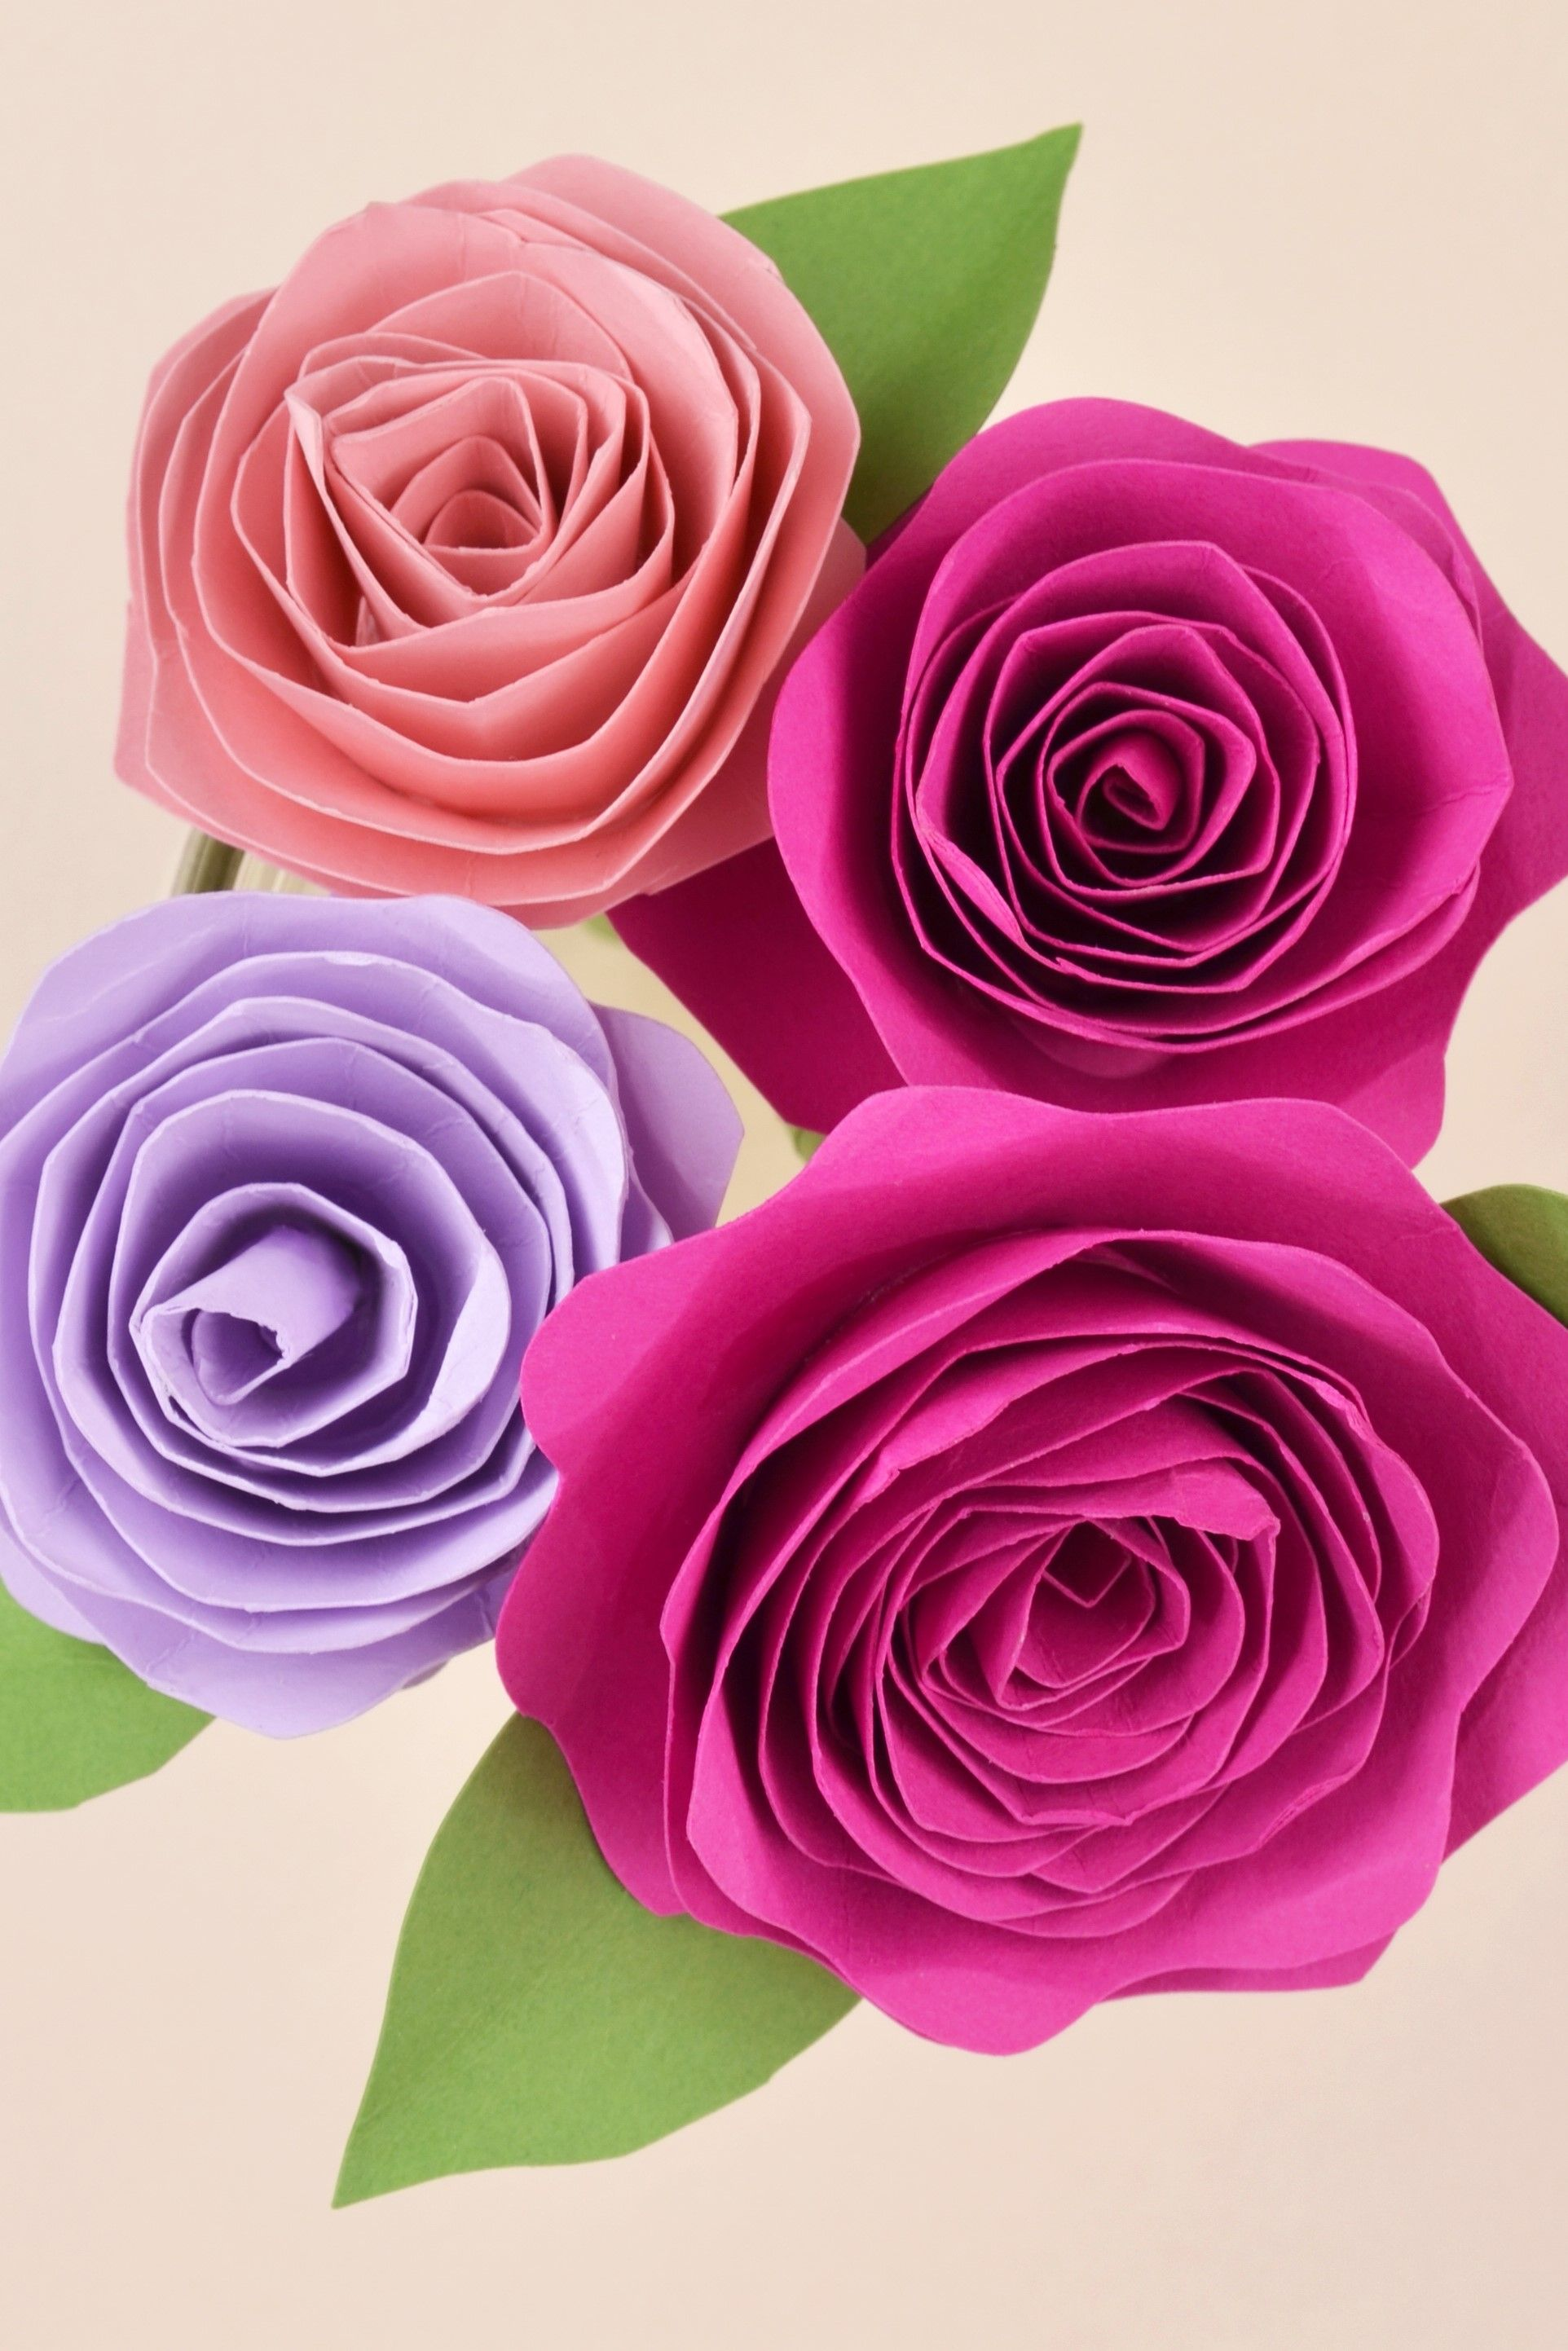 Easy Diy Paper Flower Tutorial Paper Flower Tutorial Paper